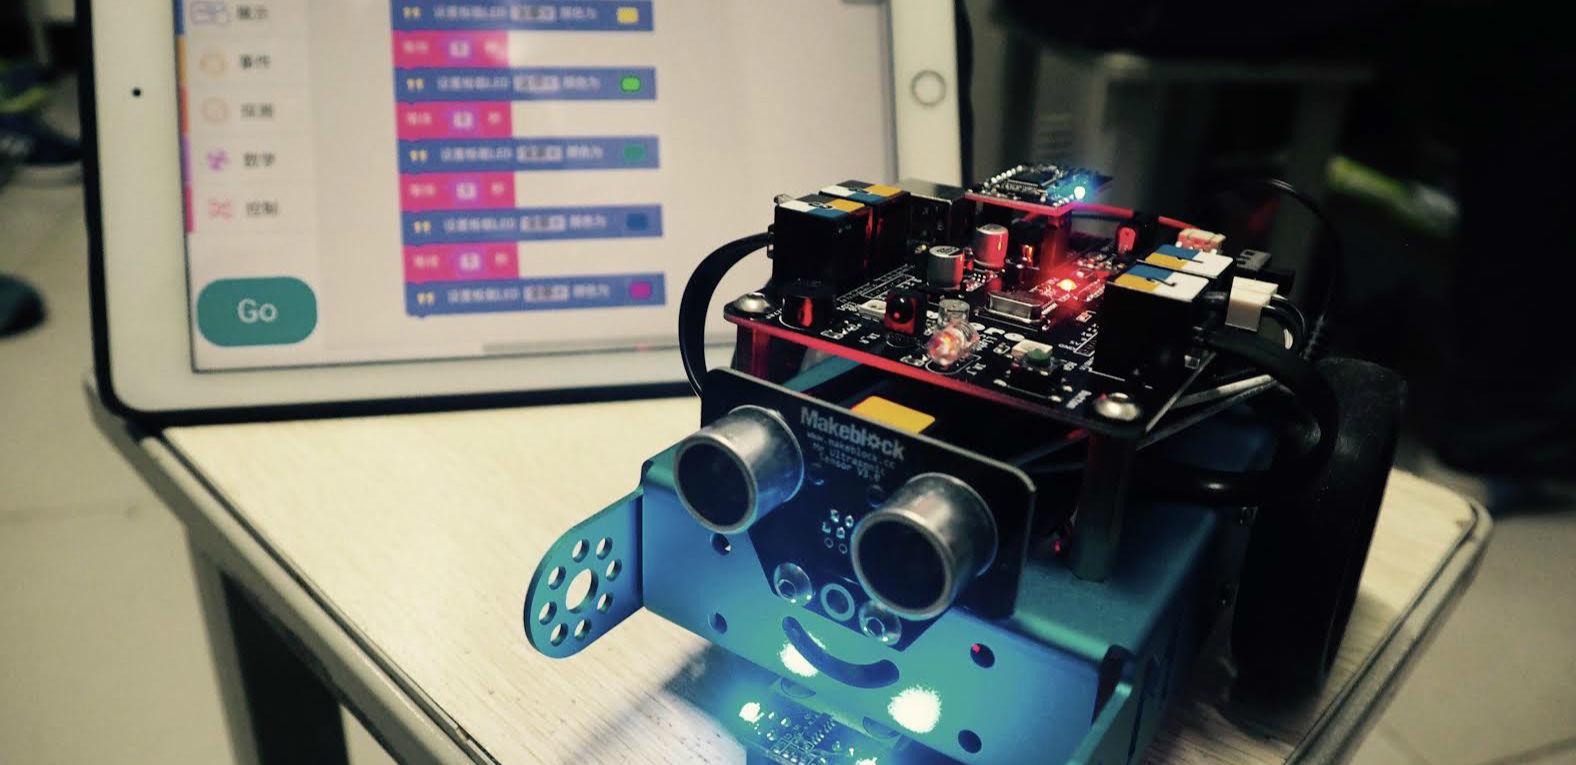 众测反馈|从组装到编程,这款儿童机器人 mbot 究竟怎么样